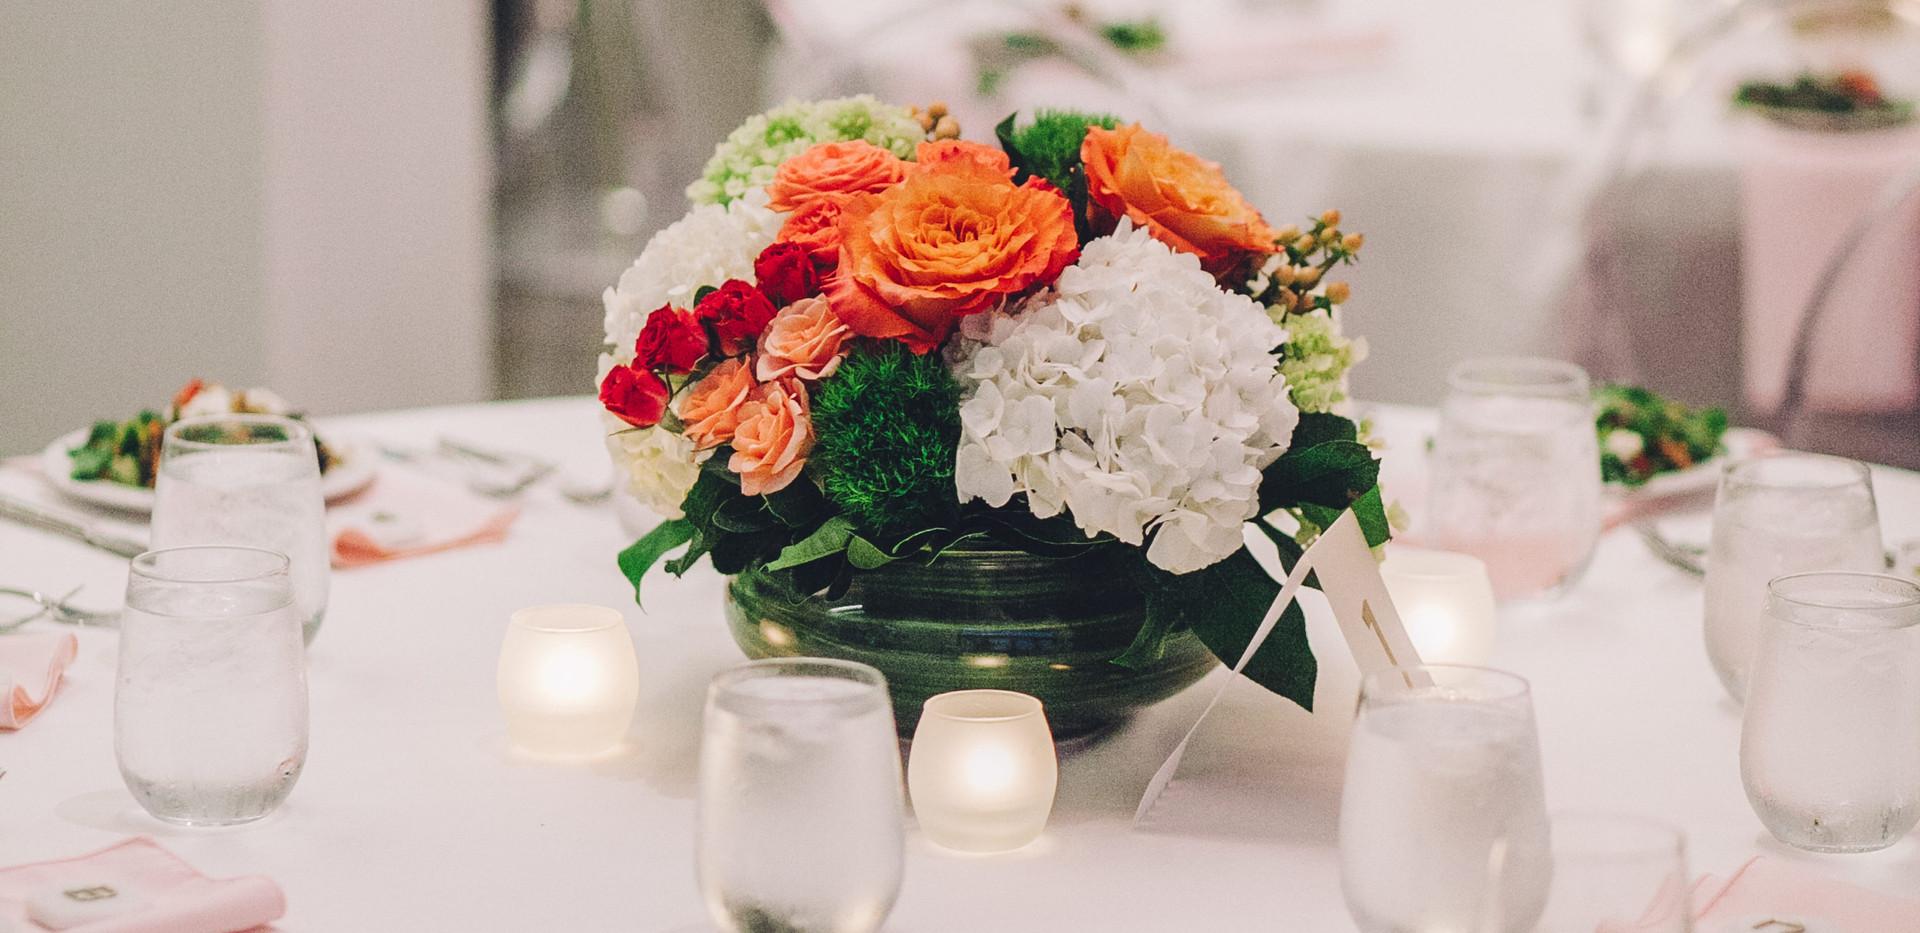 thein-wedding-369-min.jpg